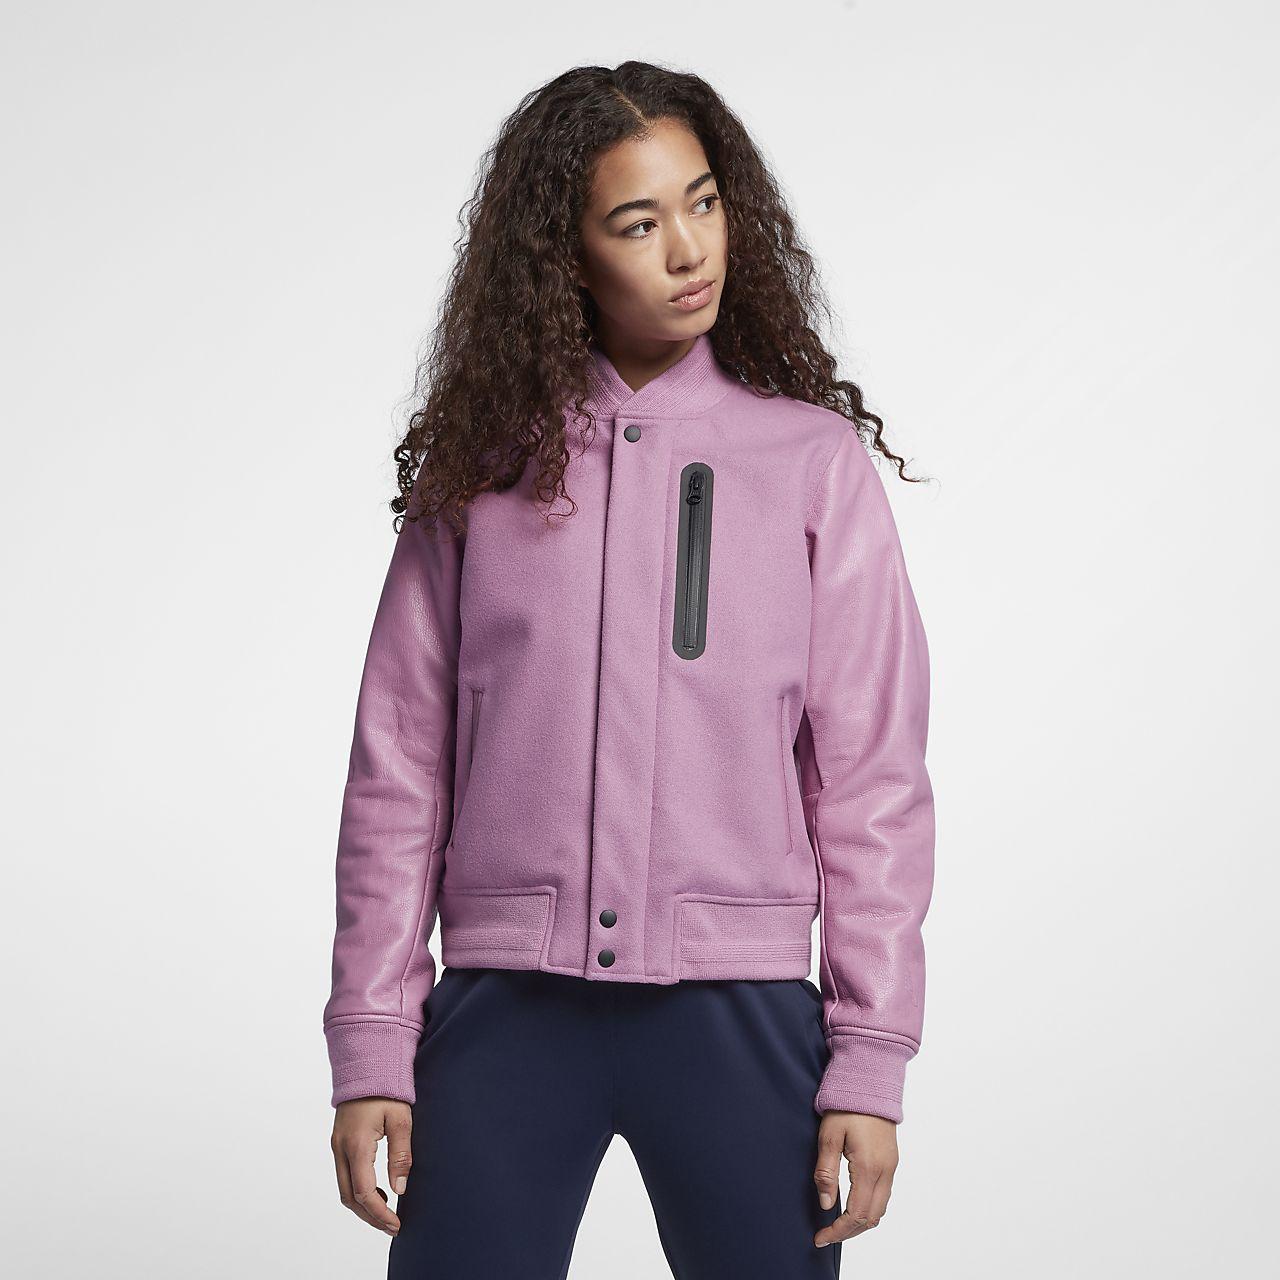 NikeLab Essentials Destroyer Women's Jacket